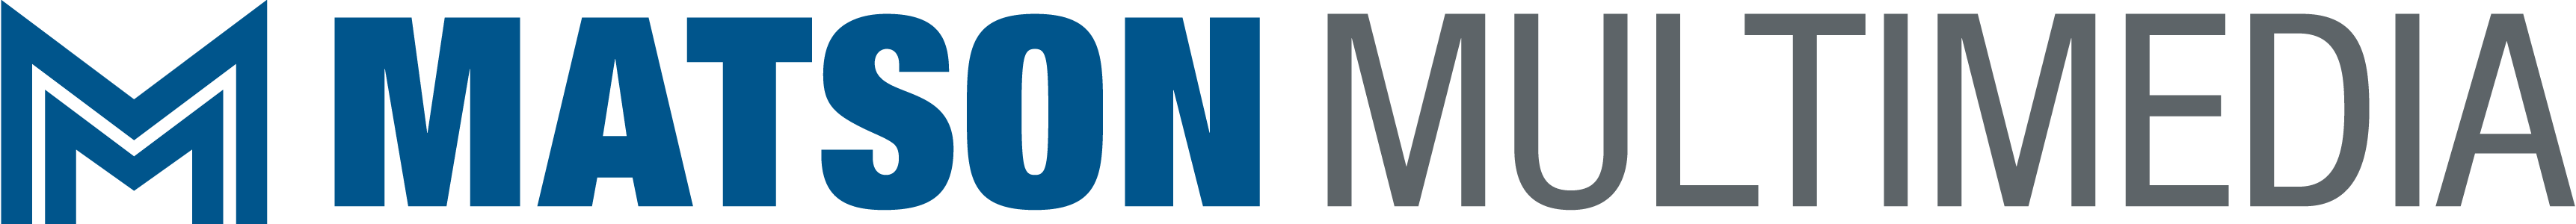 San Antonio Multimedia